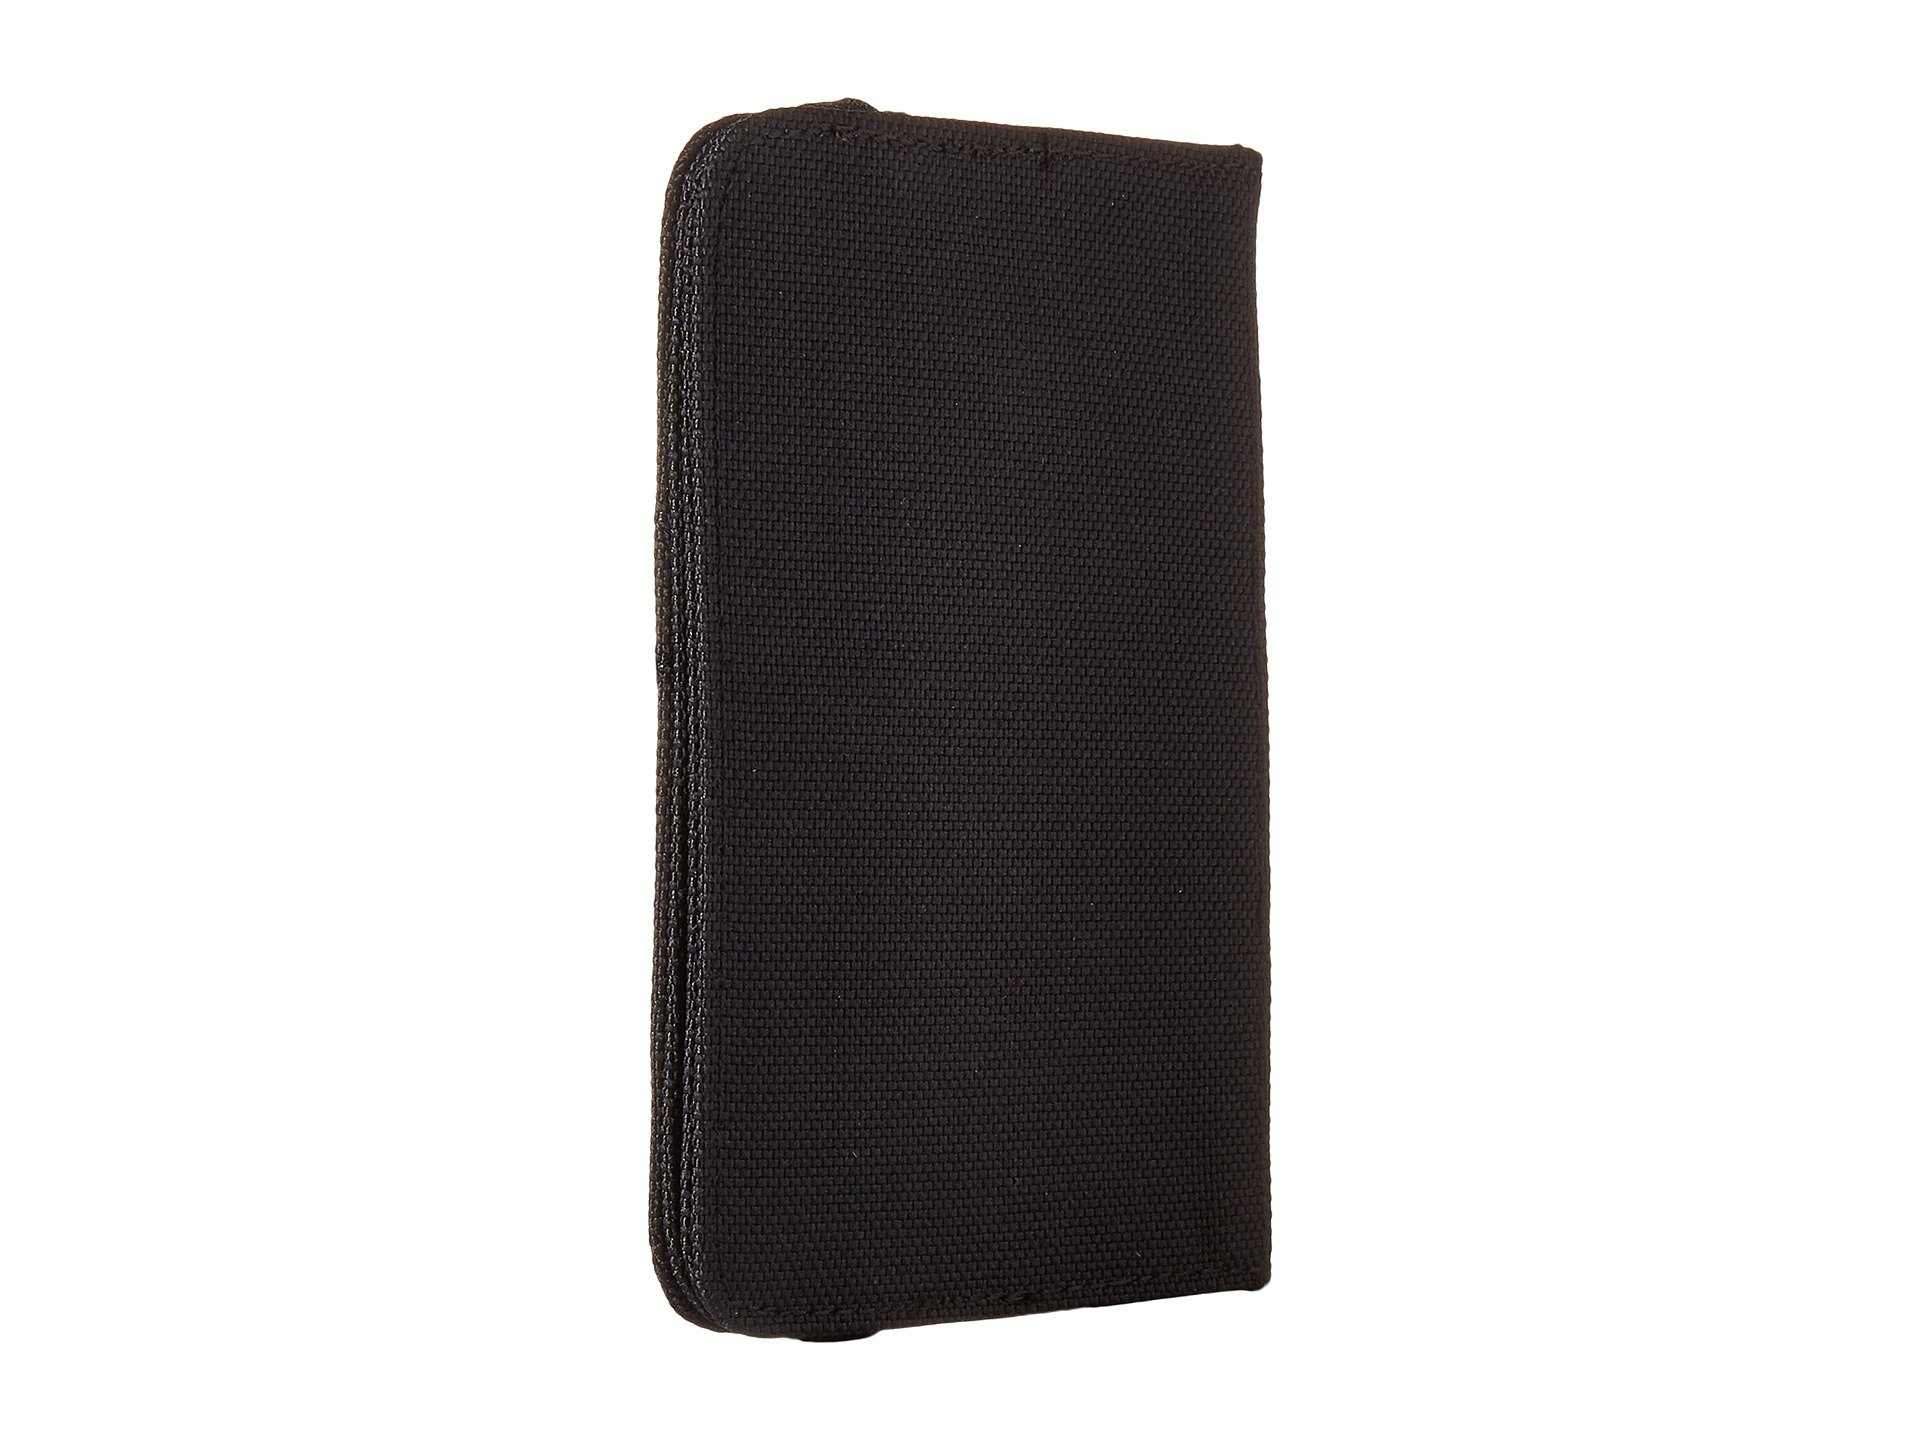 Haiku Track Black Rfid Case Passport xwP80gXPq